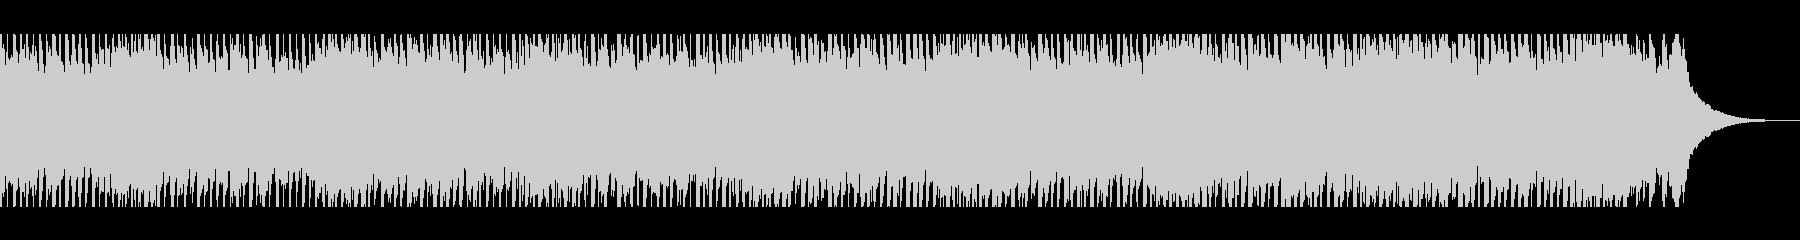 成功する動機(中)の未再生の波形